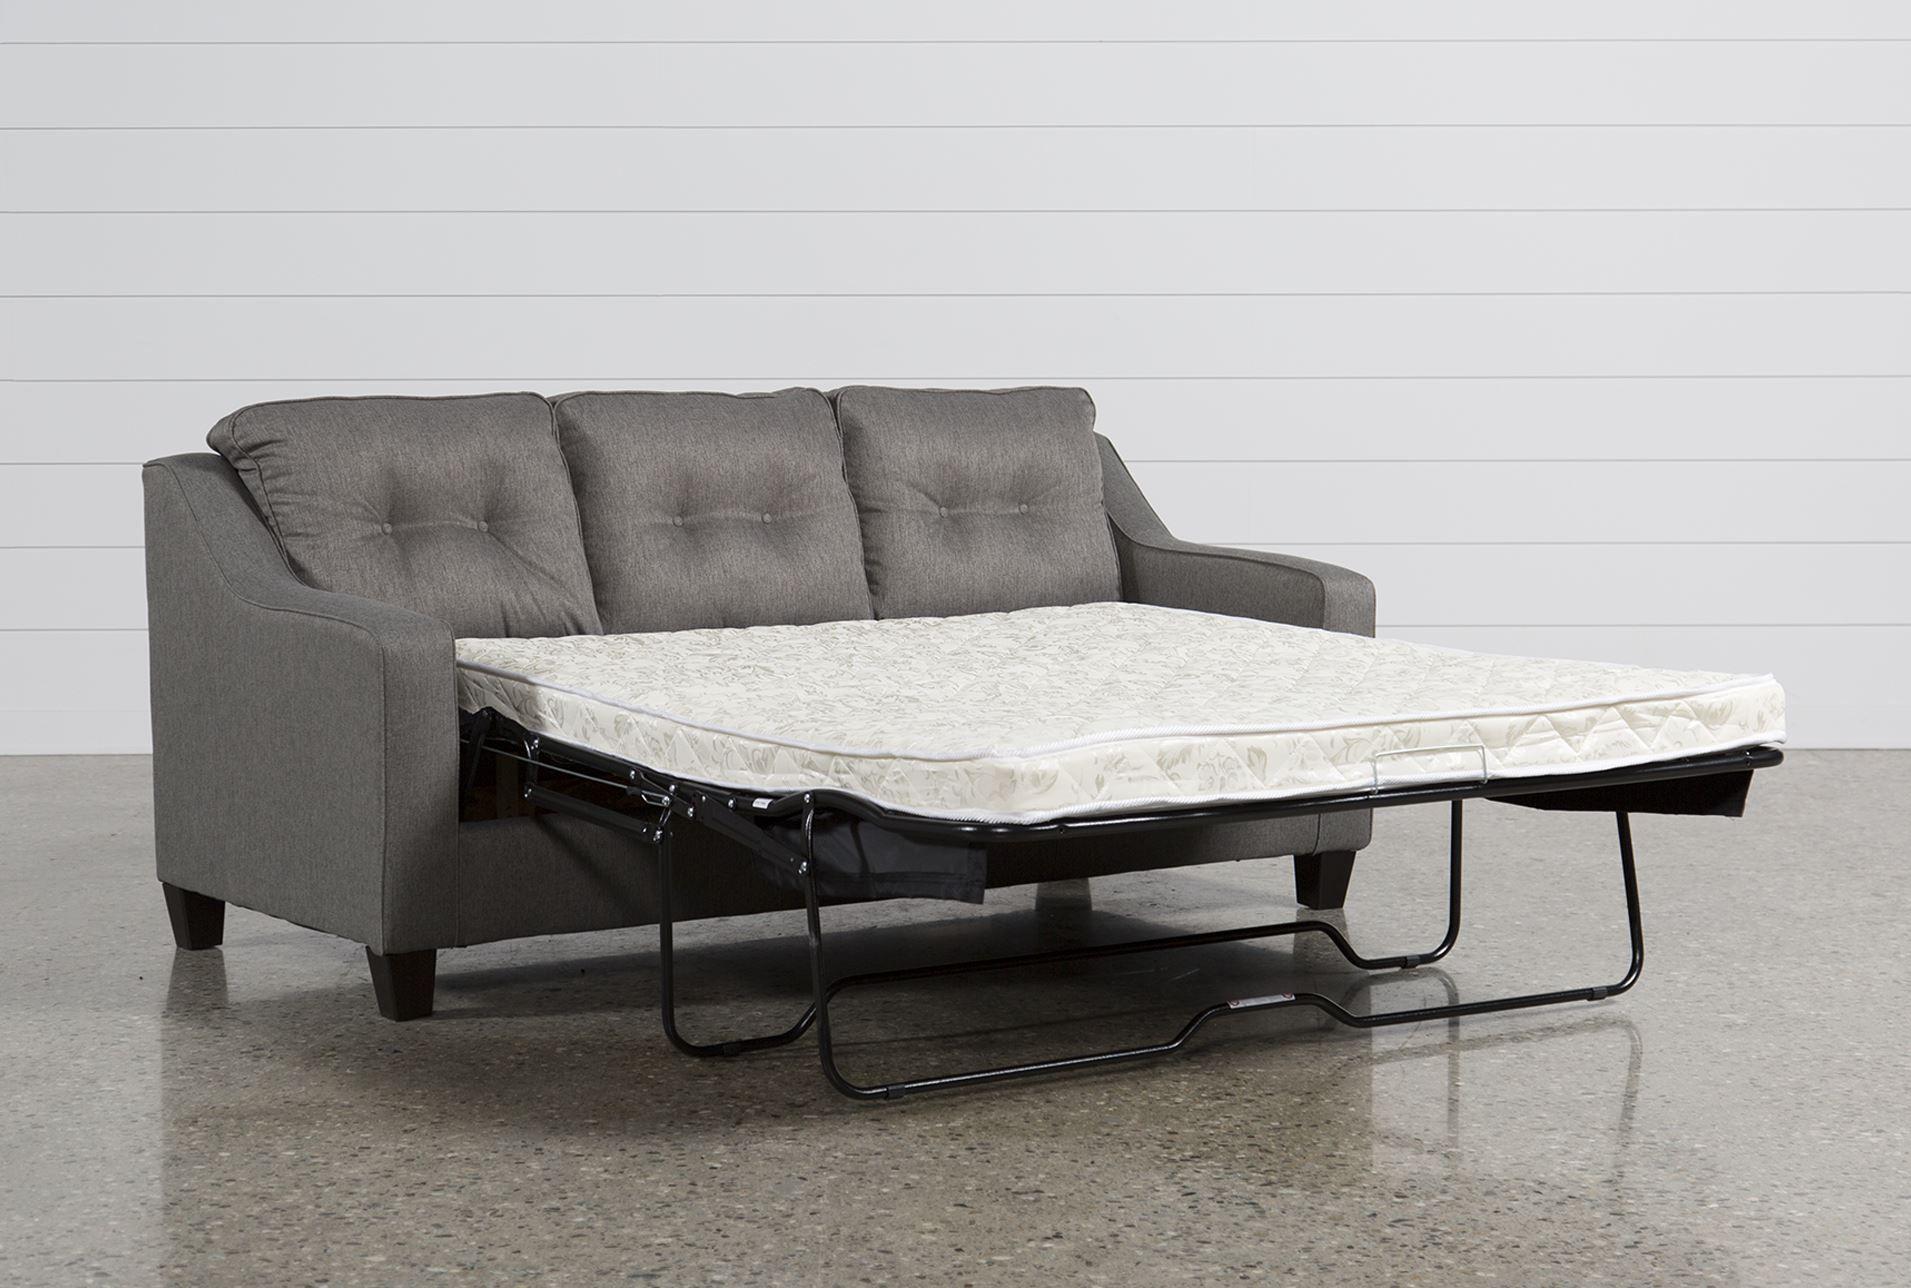 Sofa Sleeper Bed Black